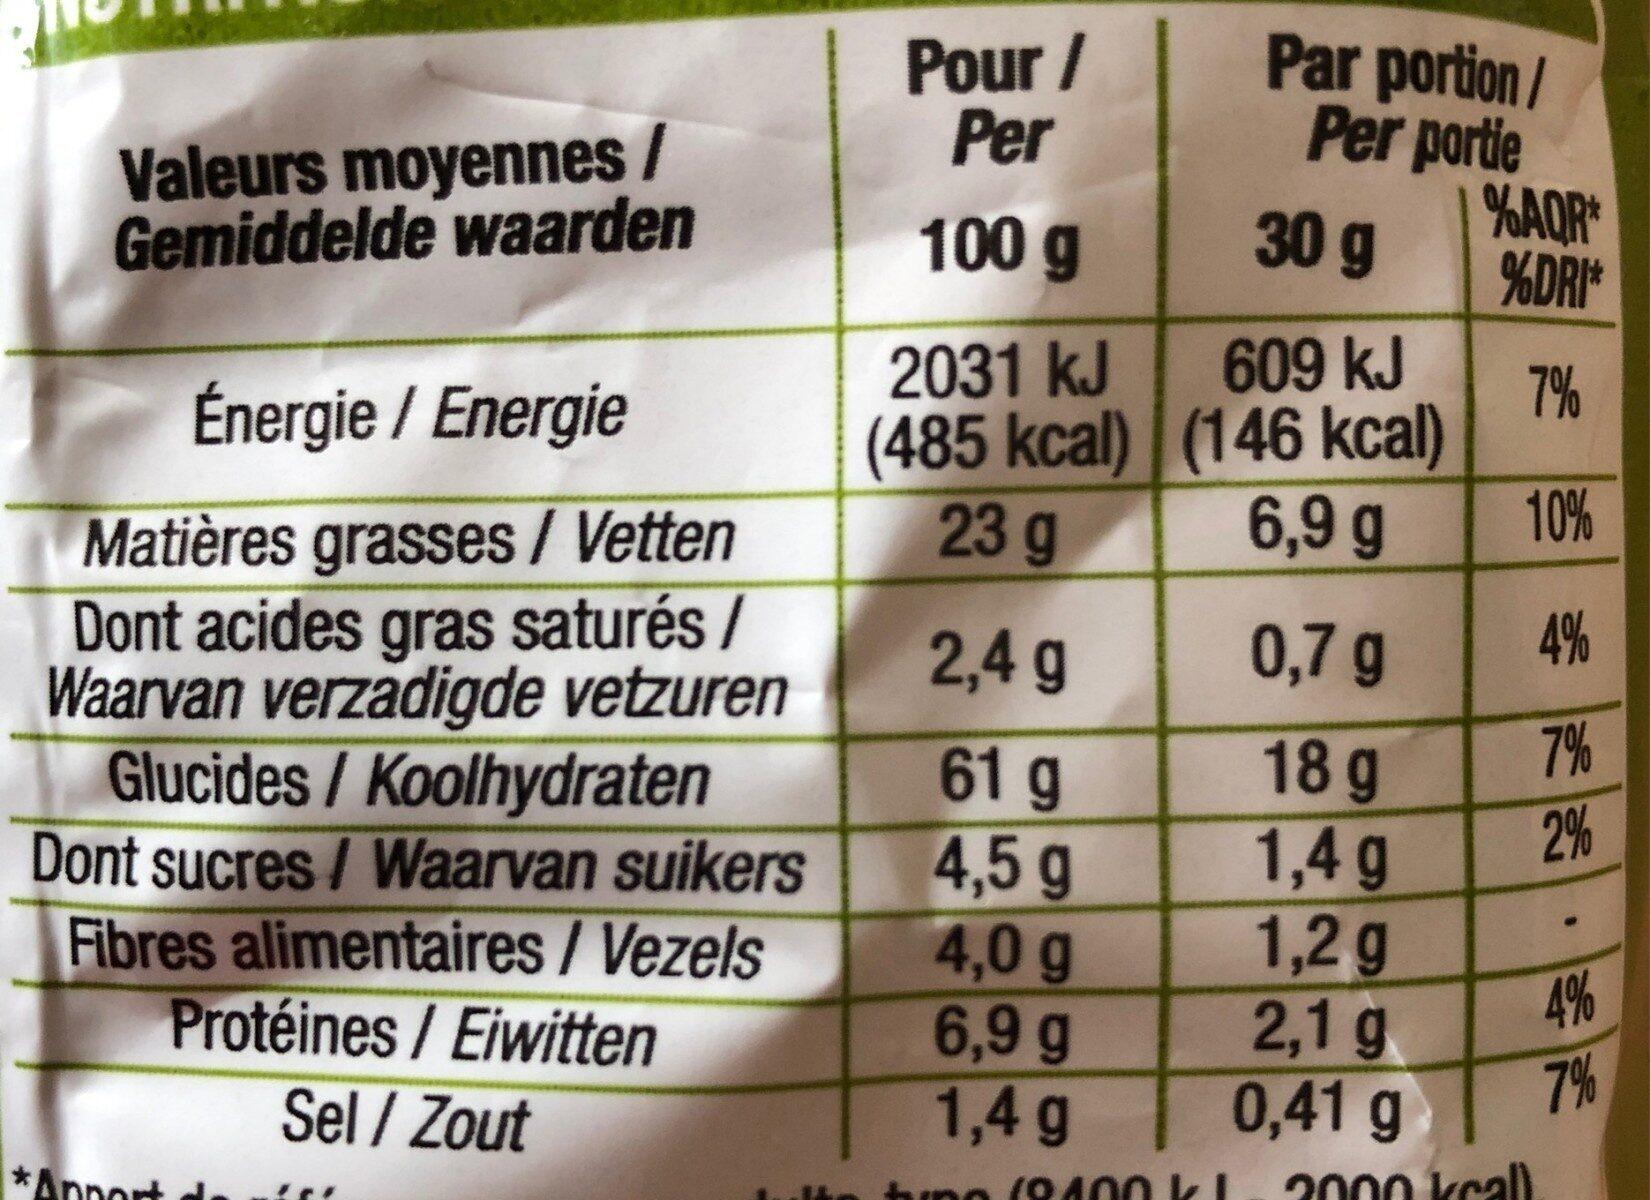 Soufflés Oignon - Informations nutritionnelles - fr